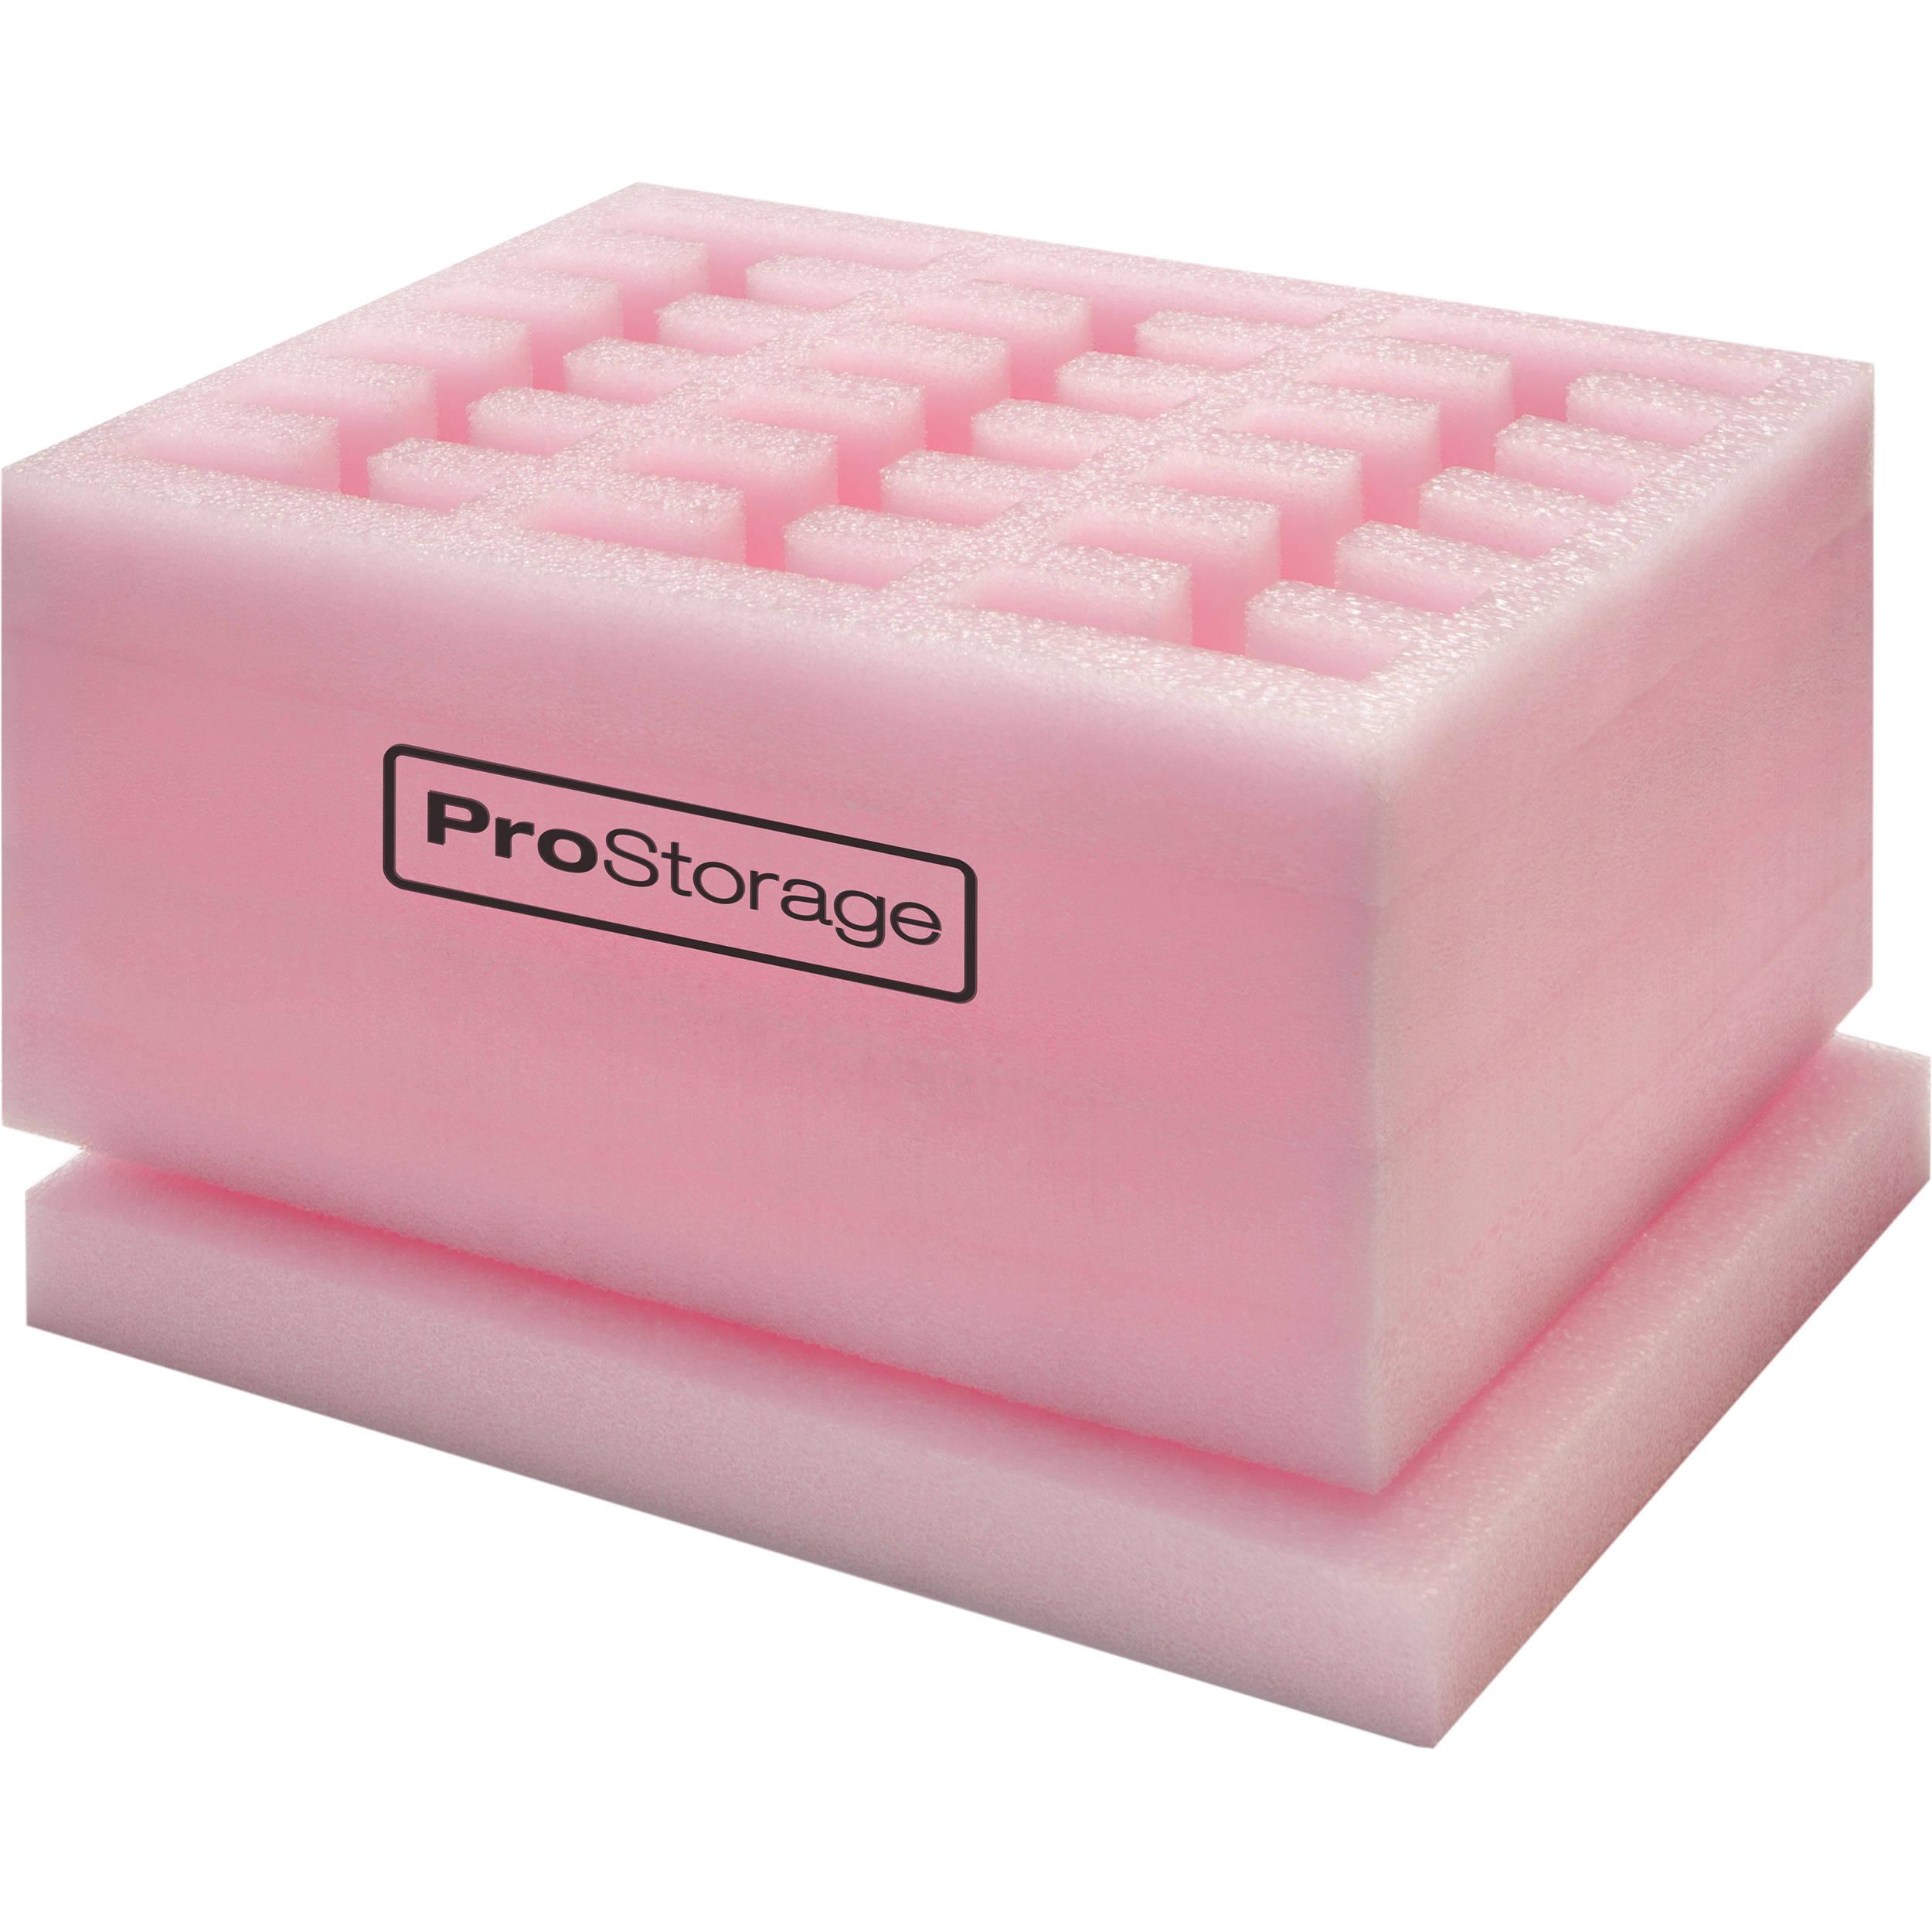 Prostorage 18 Hard Drive Storage Case Ima904800f013 B Amp H Photo